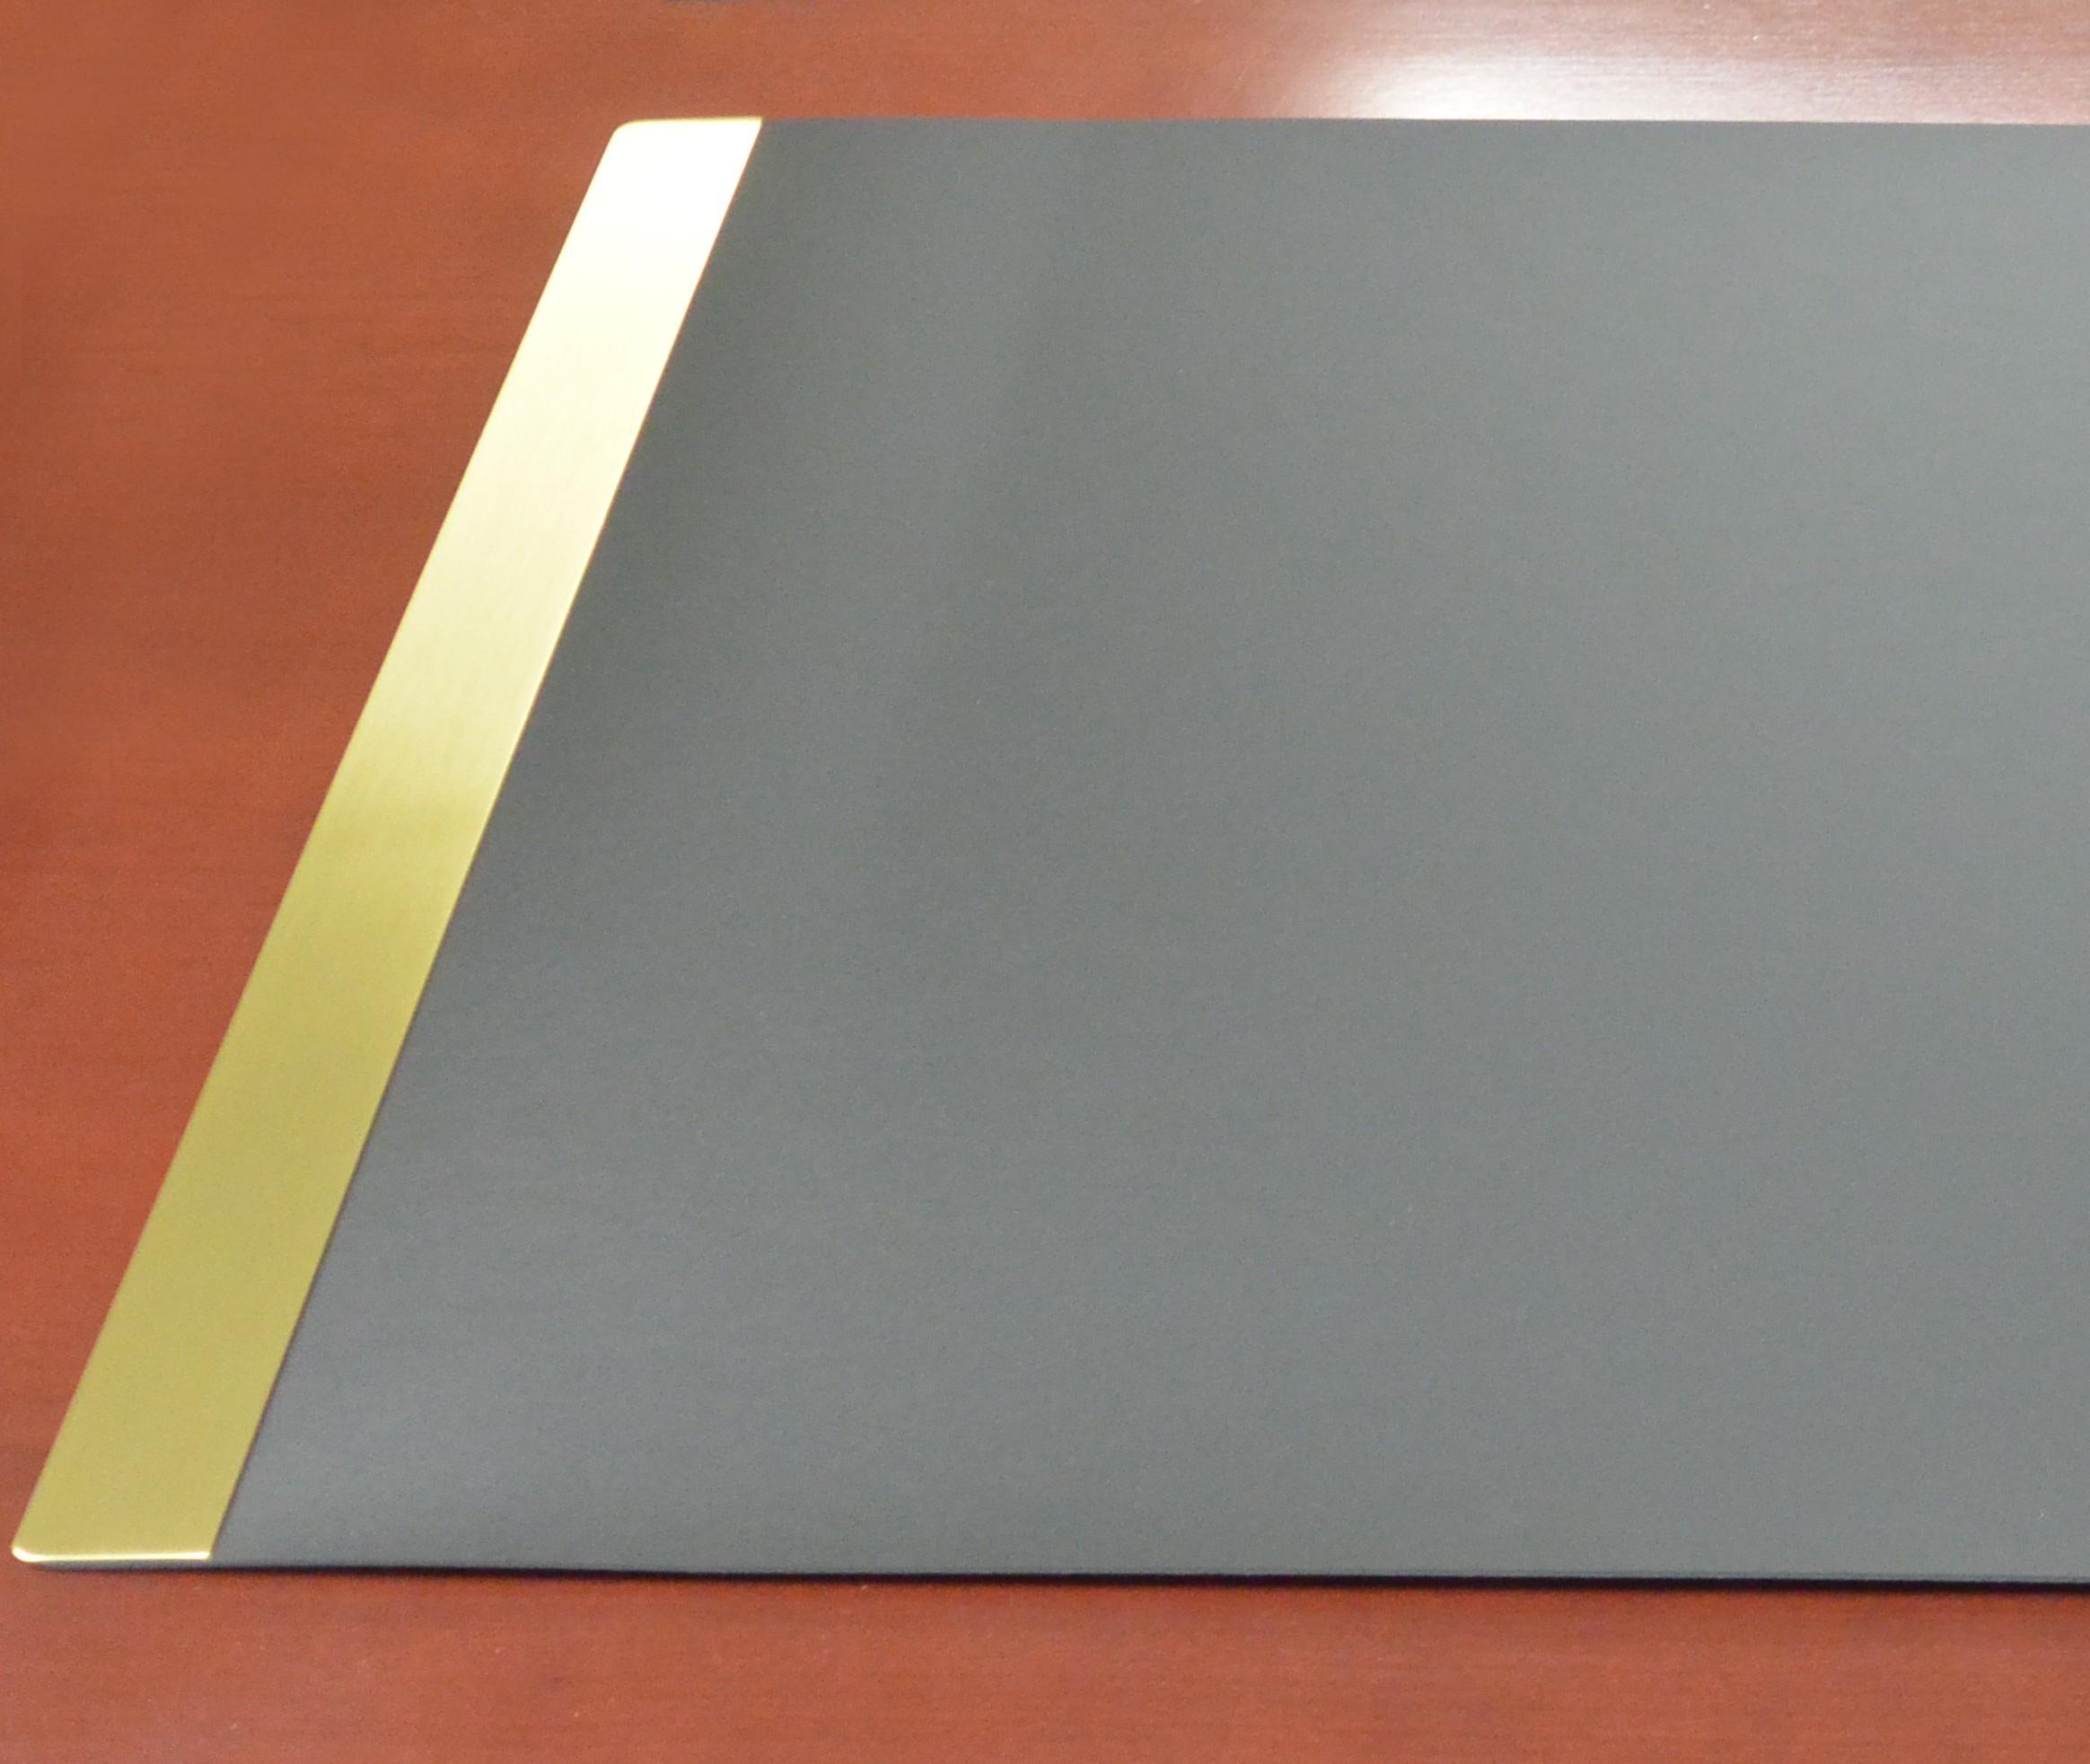 Metal Rail Desk Pad Prestige Office Accessories